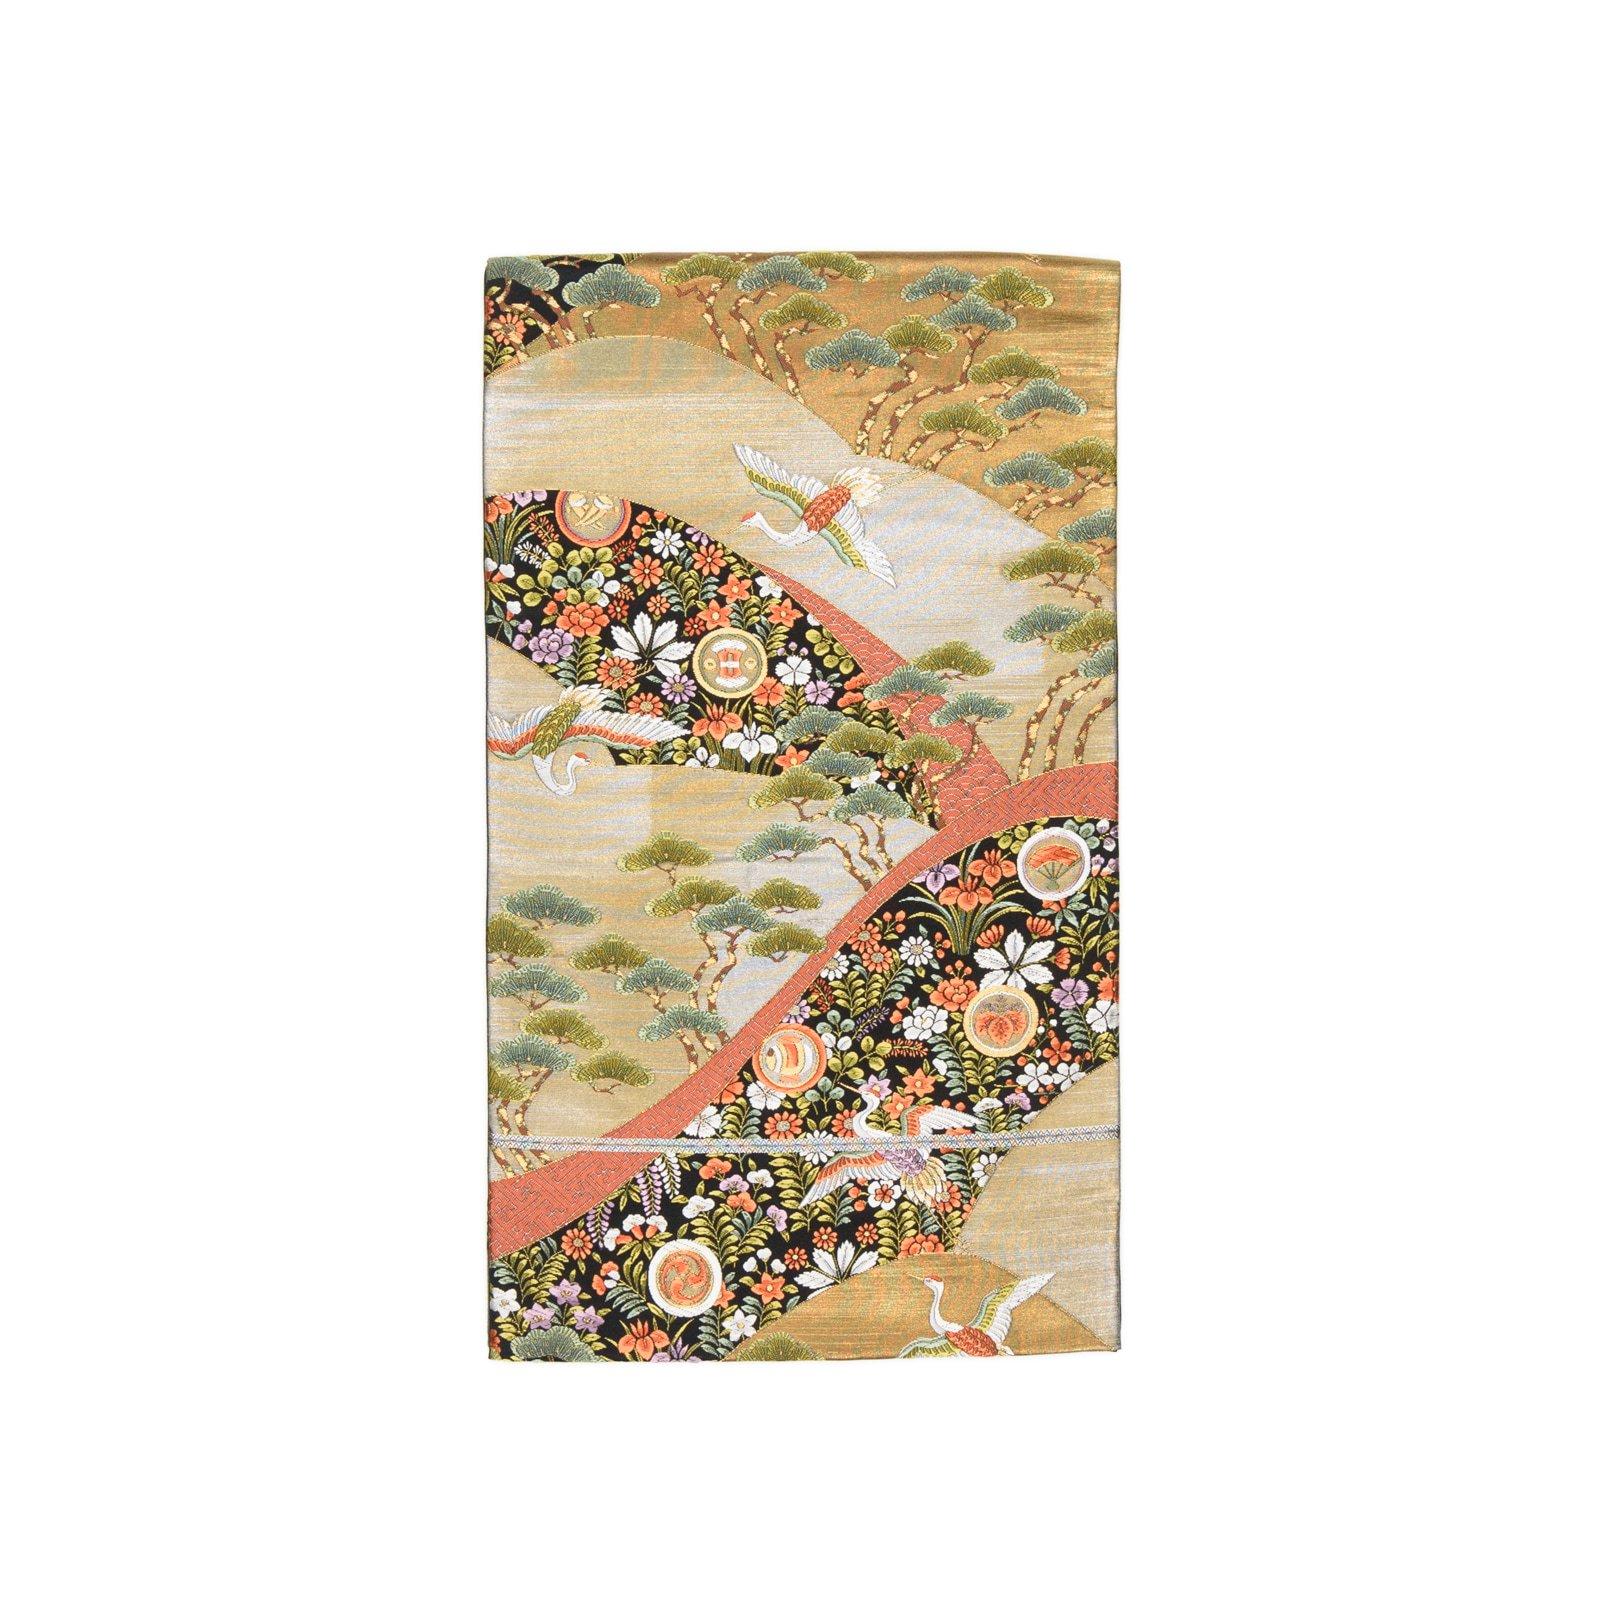 「袋帯●丸に小槌や扇 空舞う鶴」の商品画像